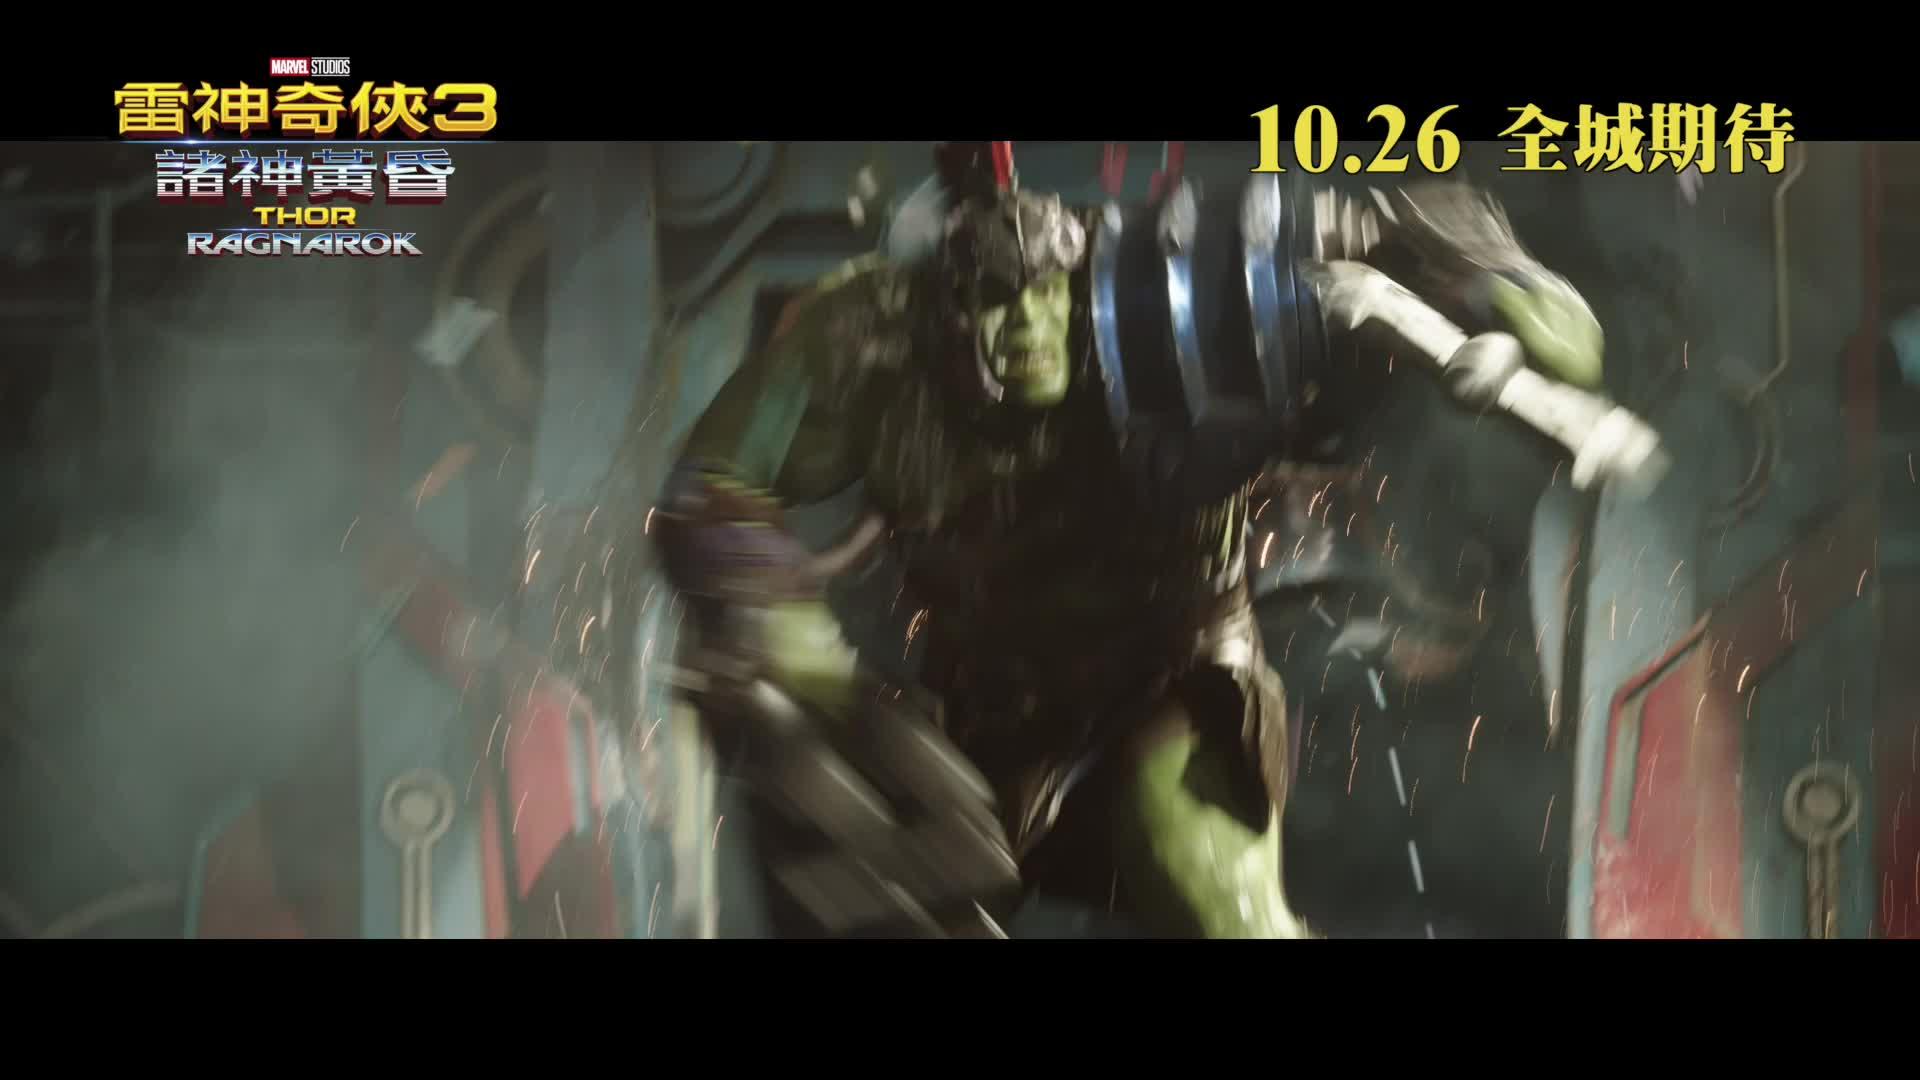 《雷神3:諸神黃昏》中文版預告